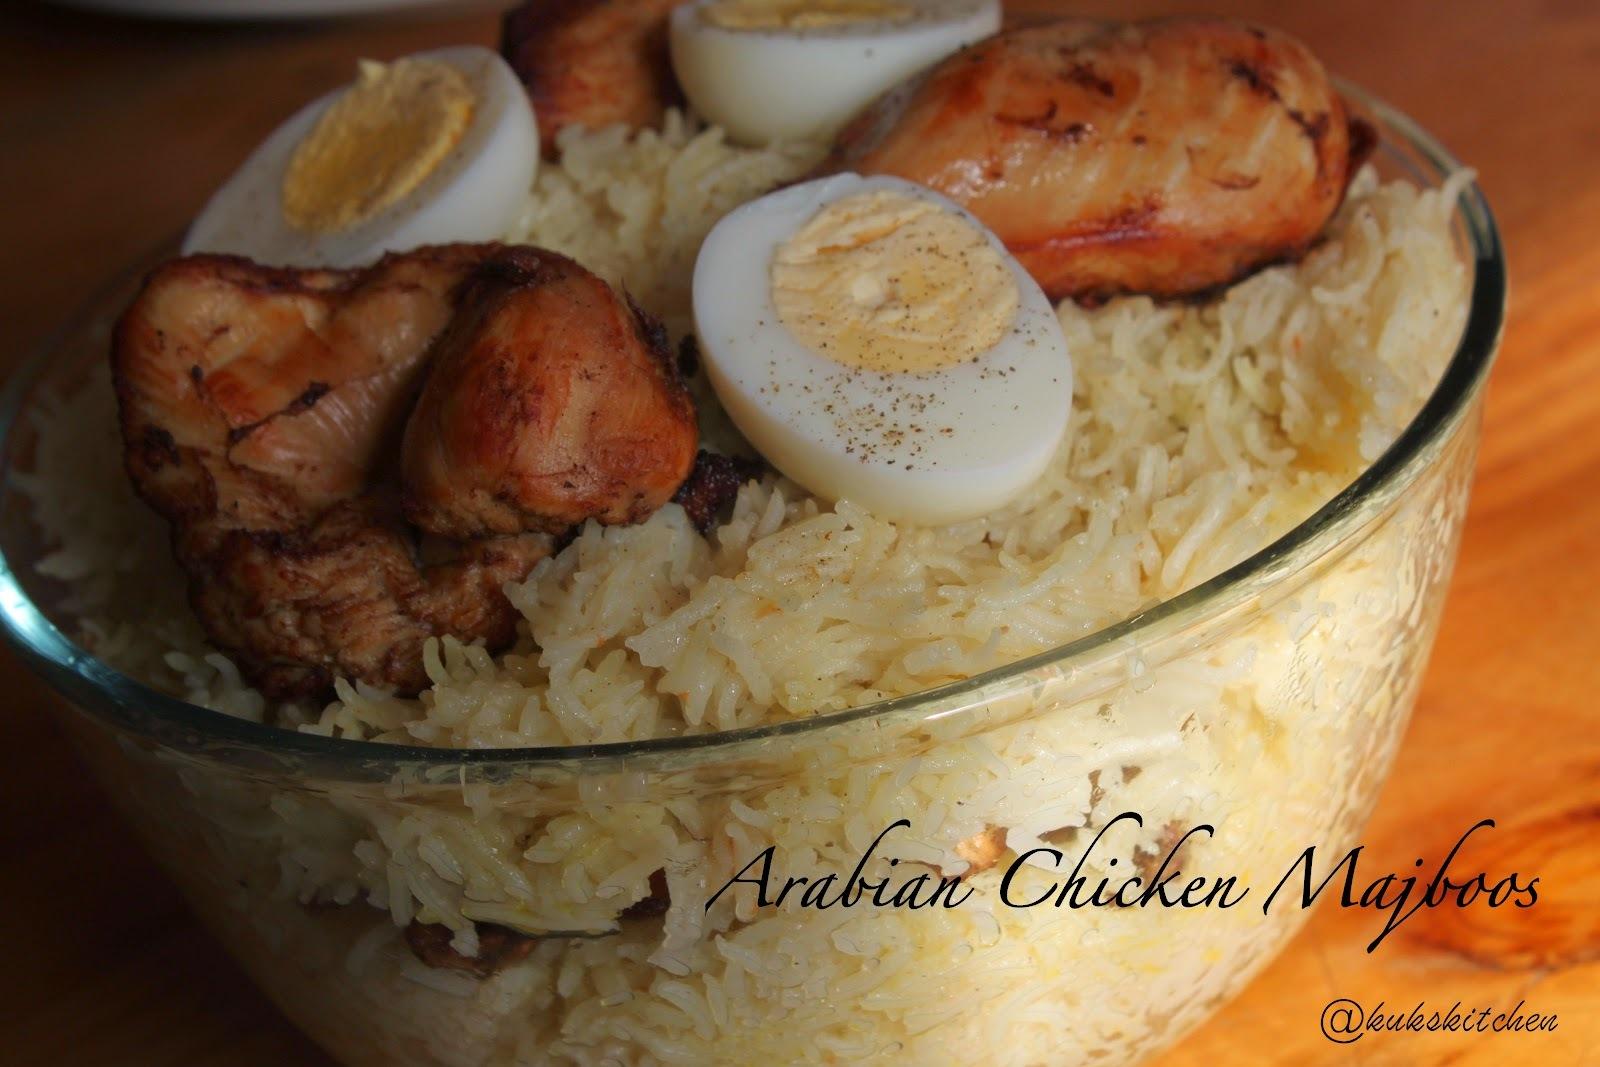 Arabian Chicken Majboos | Kukskitchen